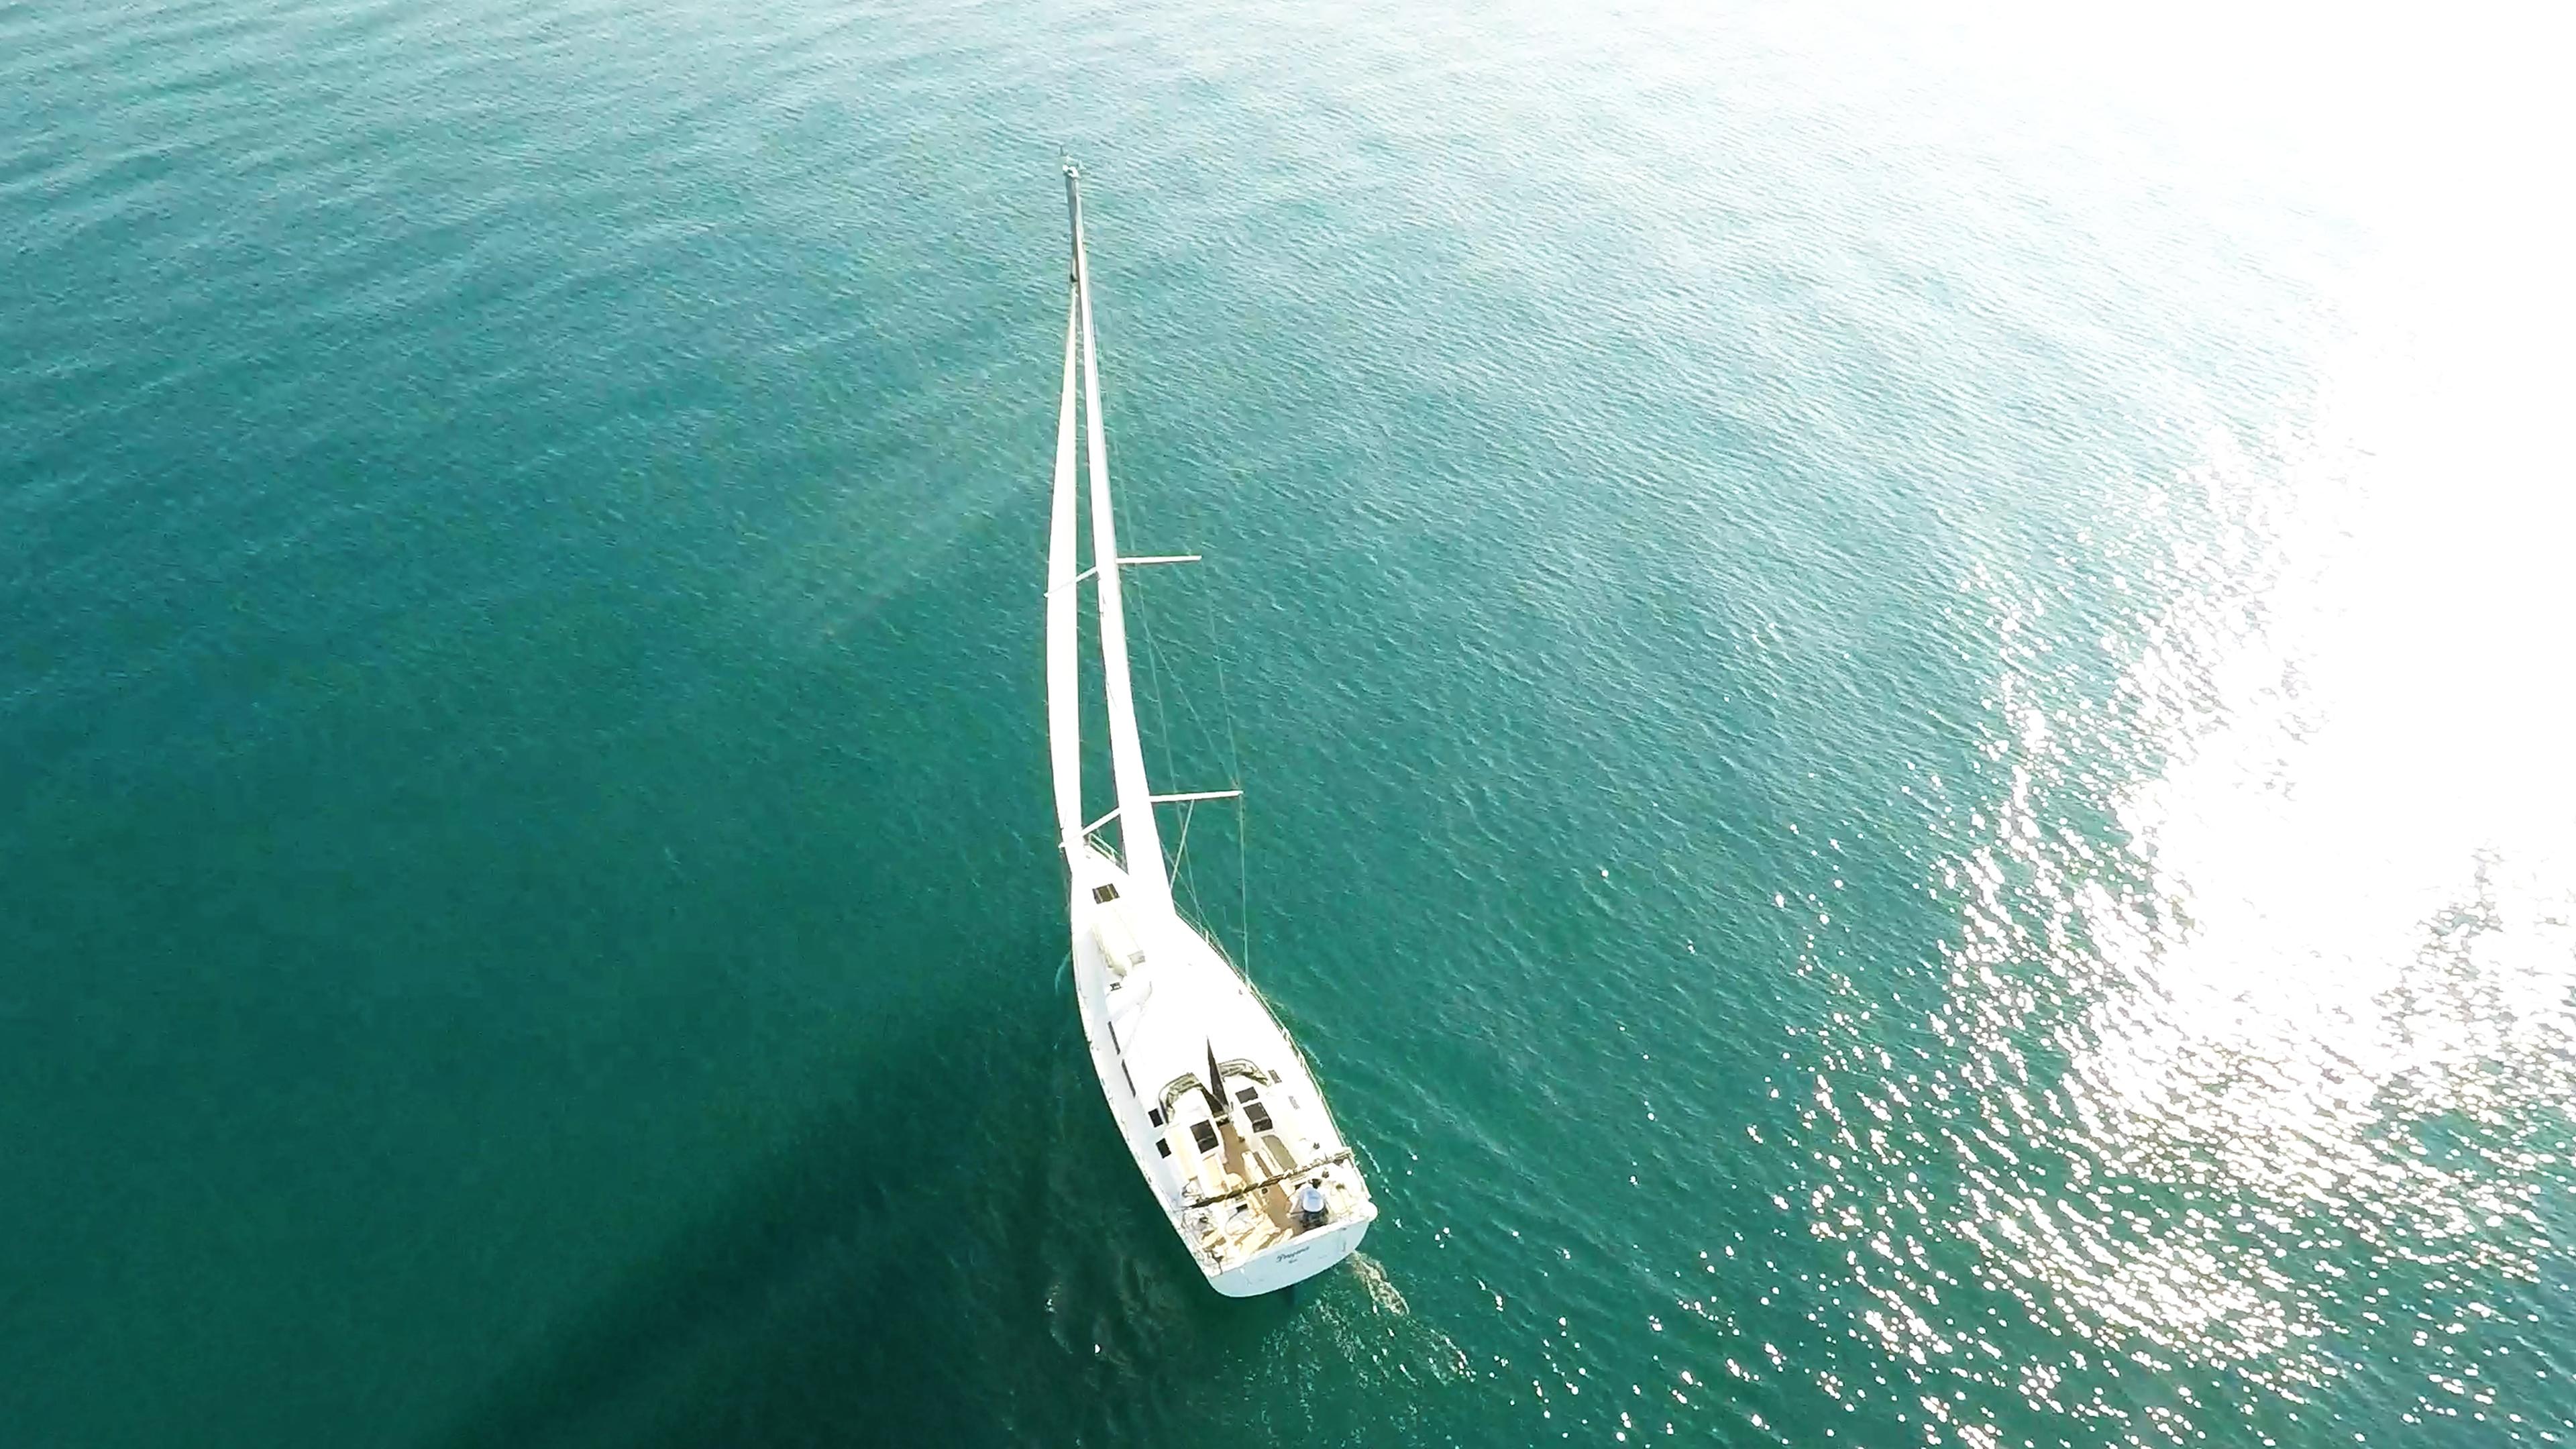 barcha a vela yacht a velaal mare scoppio del sole